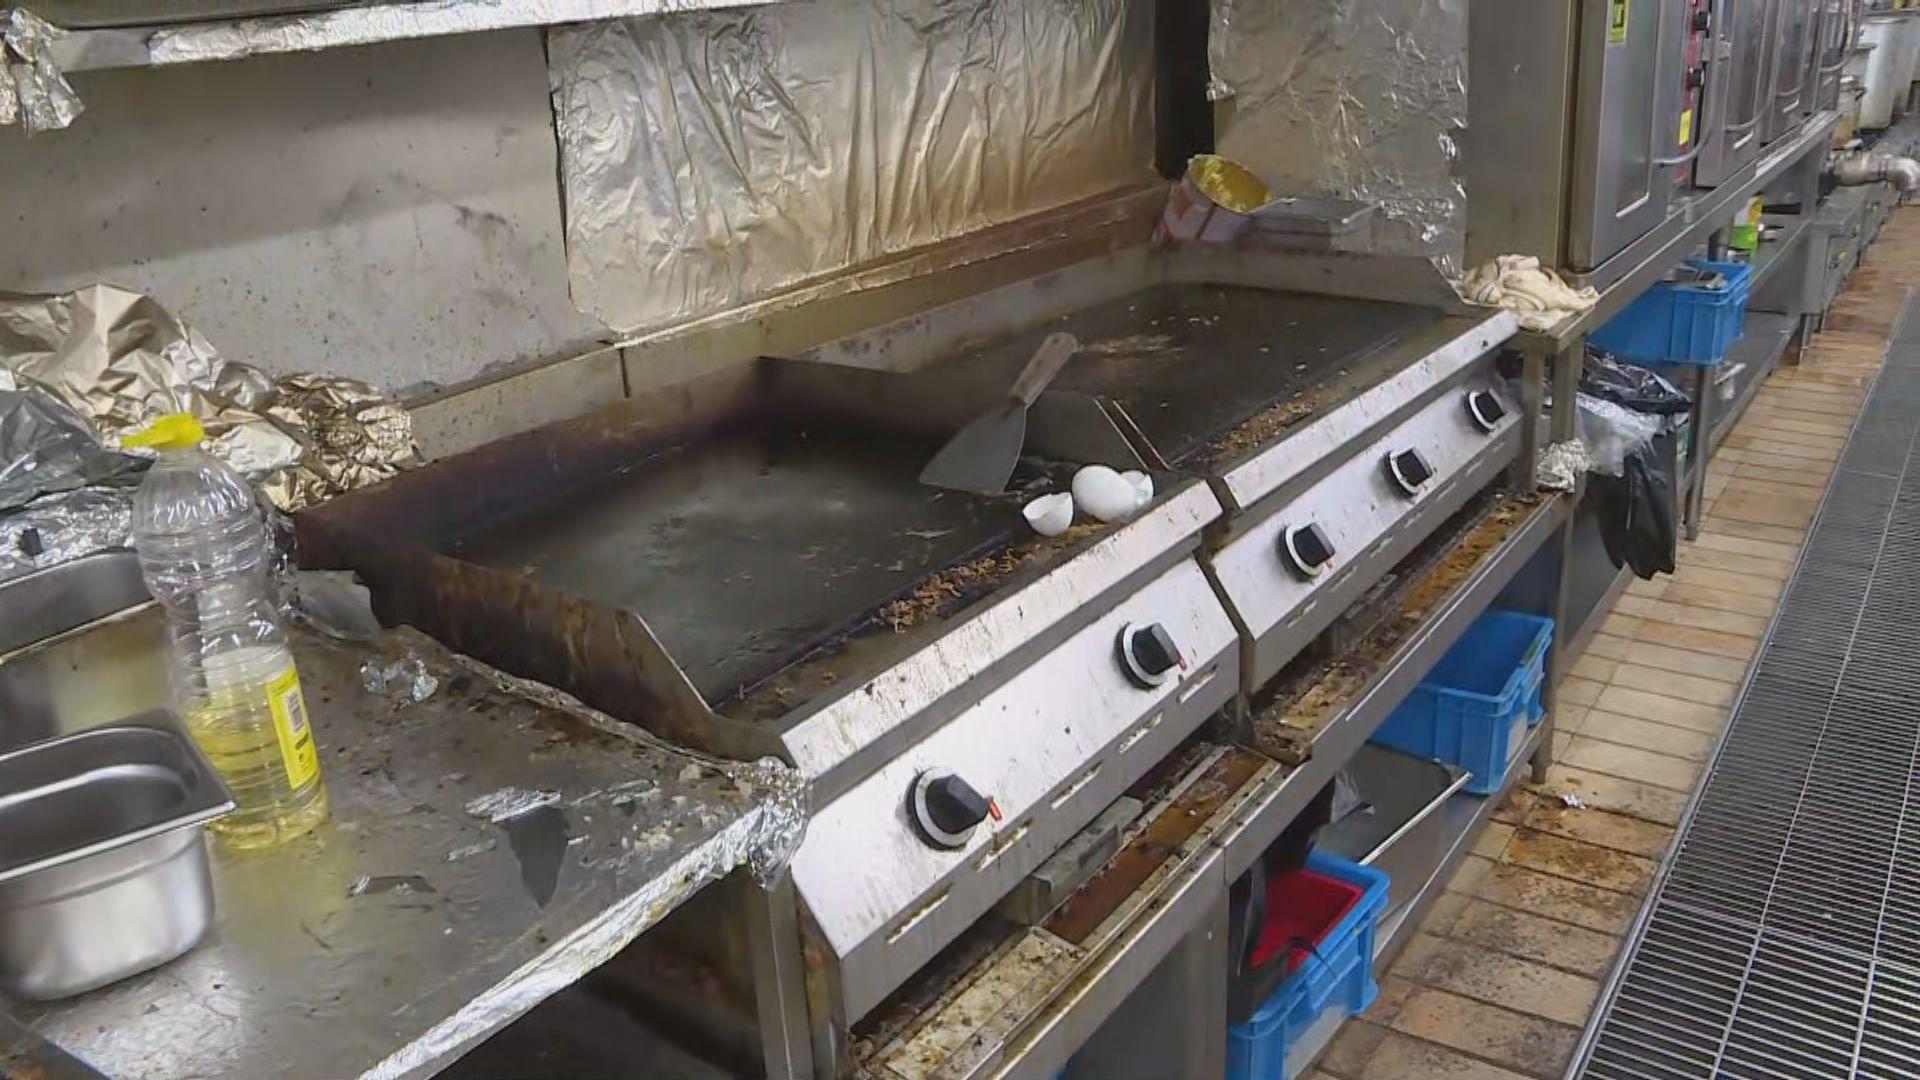 理大飯堂傳惡臭 廚房有食材生蟲